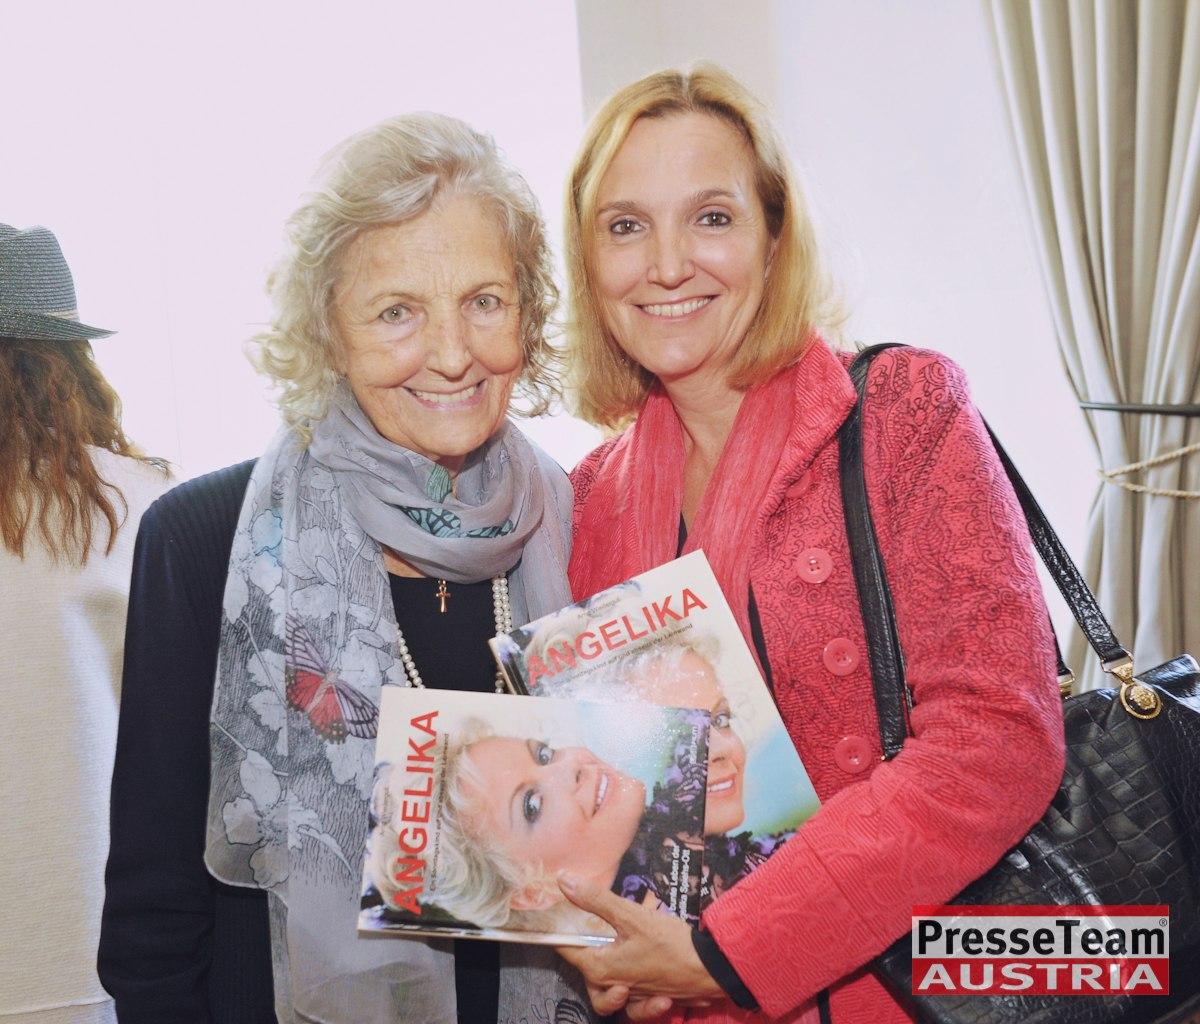 DSC 3659 Angelika Spiehs - Angelika Spiehs Biografie Präsentation im Schloss Loretto